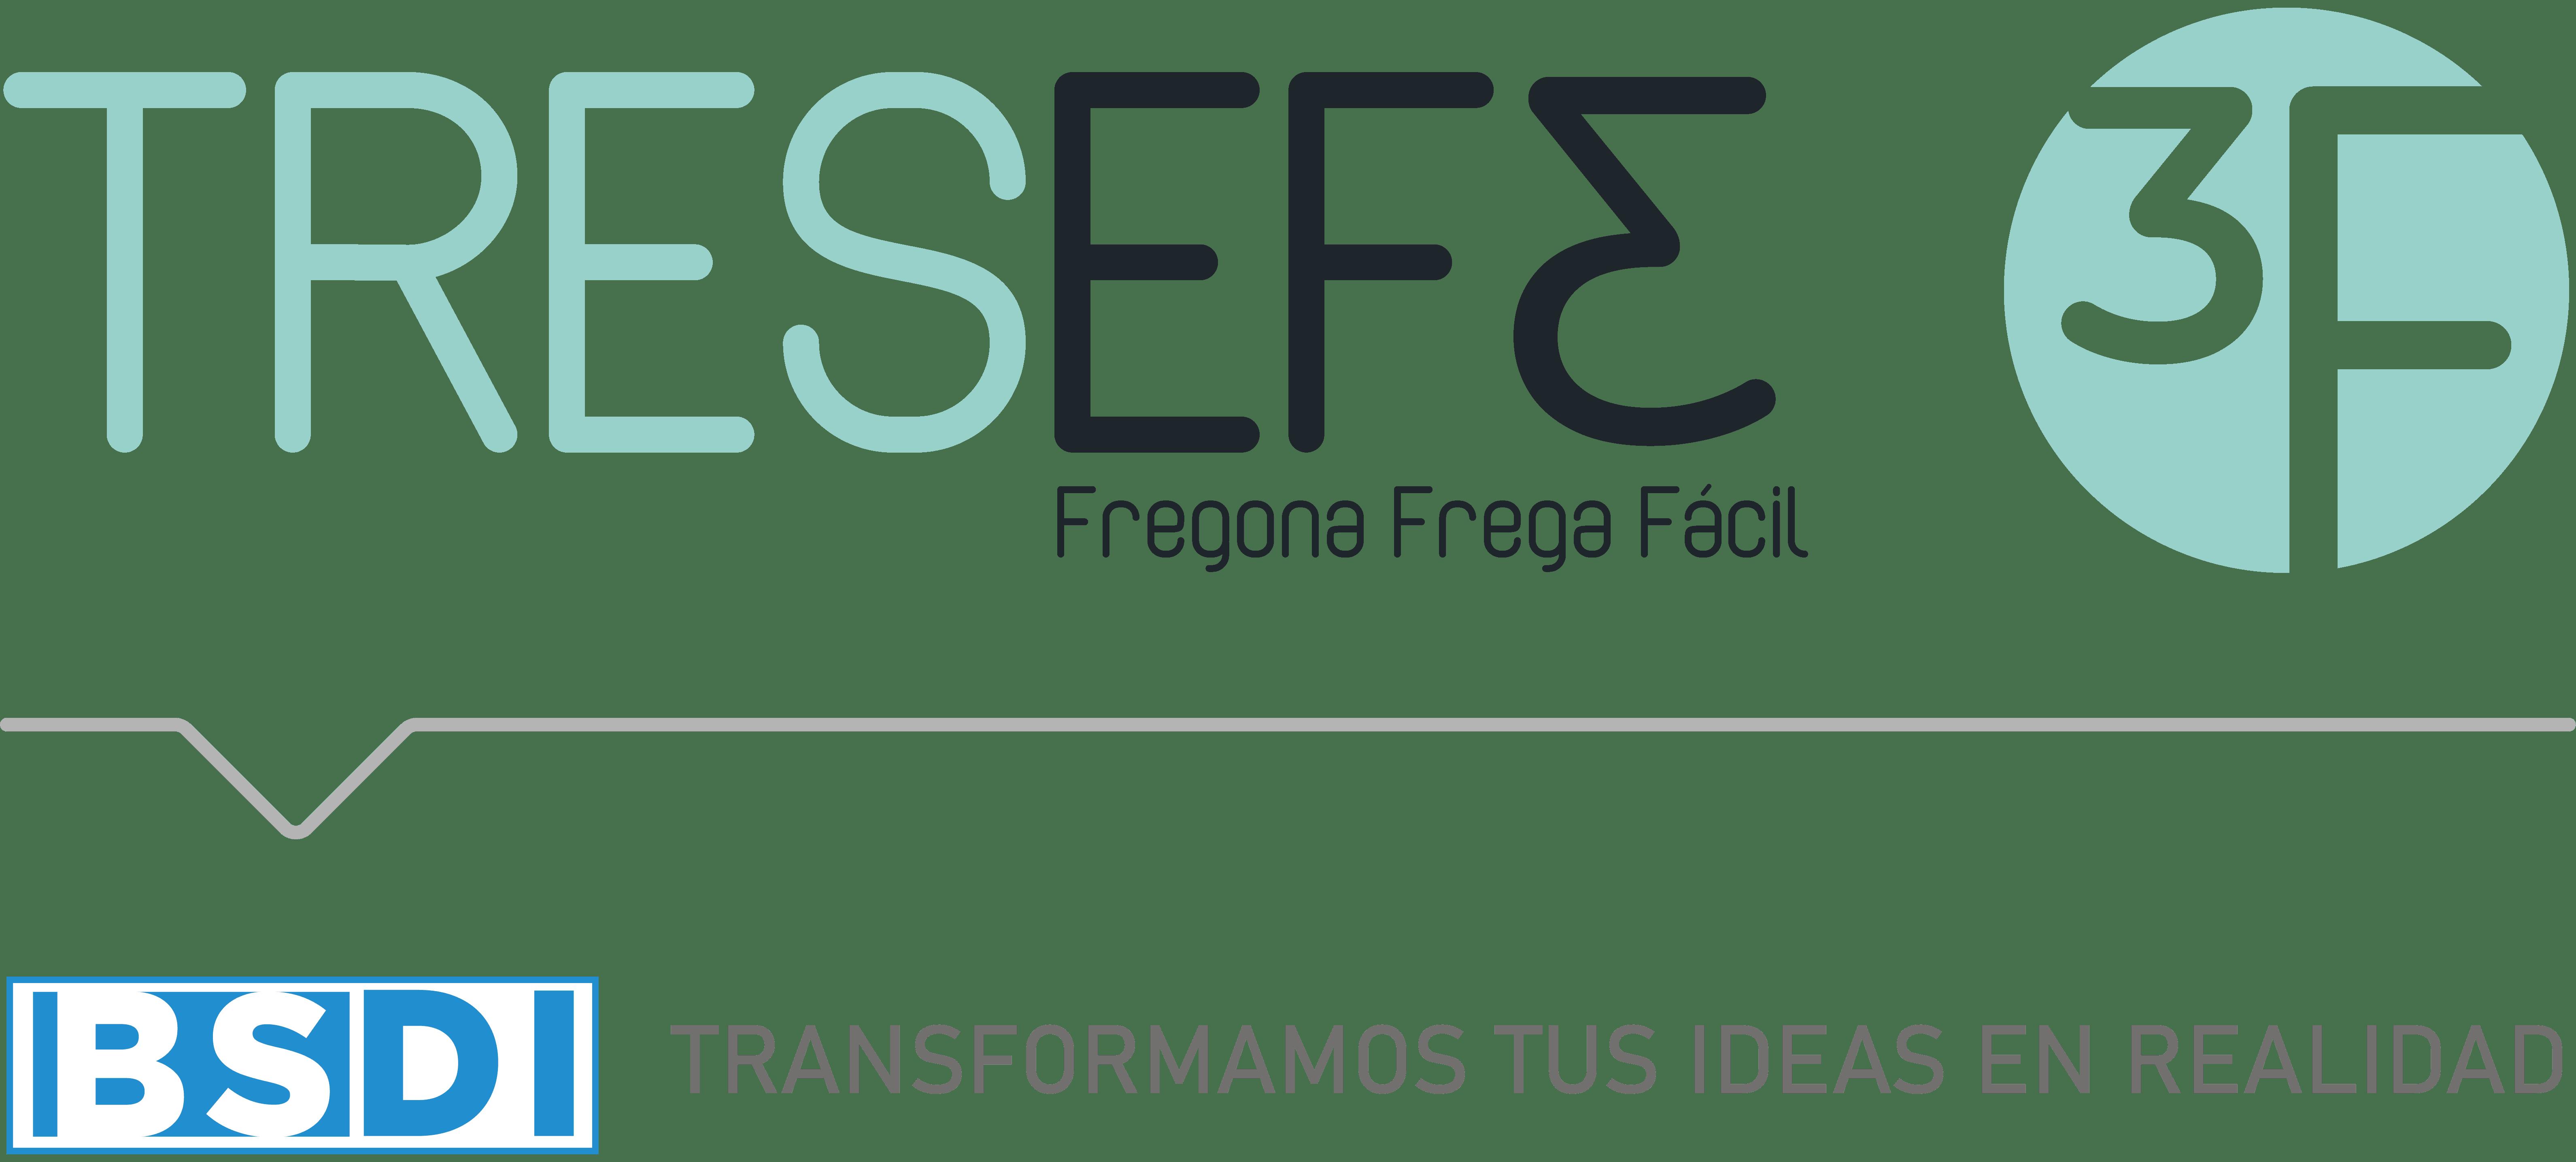 Fregona 3f